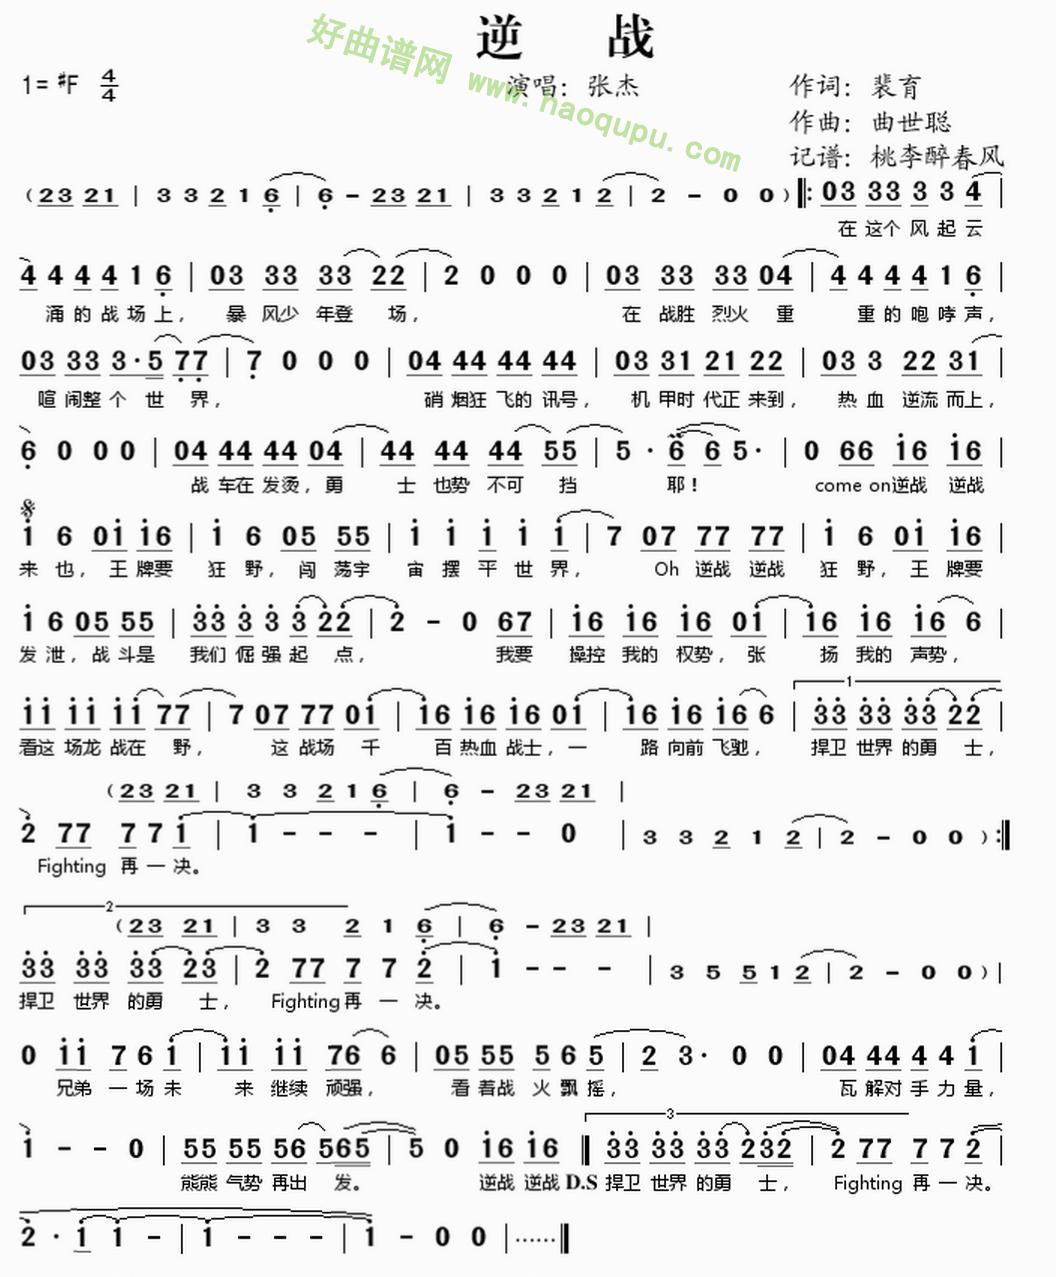 逆战 张杰演唱 歌谱 简谱 曲谱 歌曲简谱曲谱下载 好曲谱网